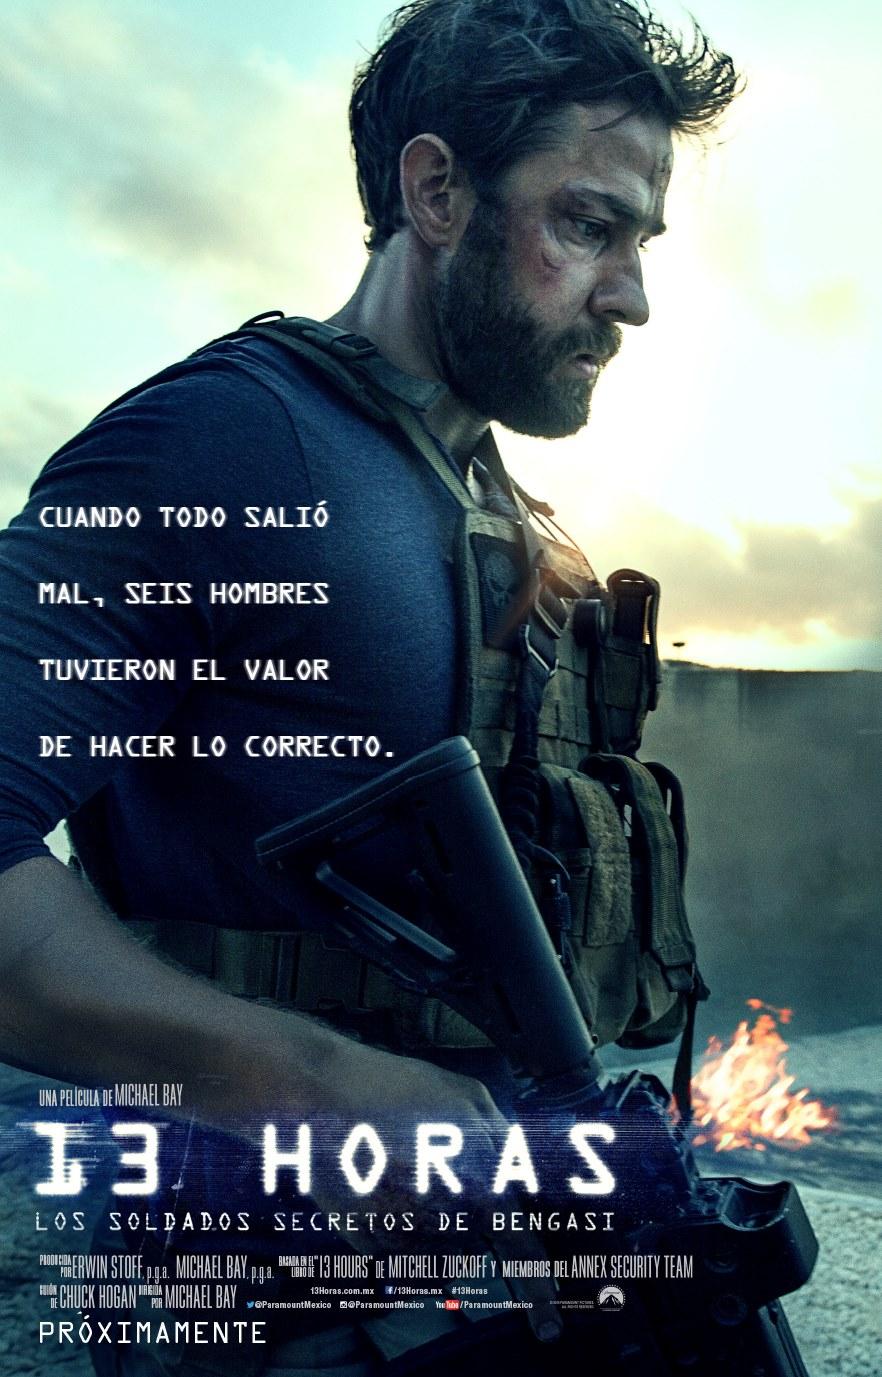 13 Horas: Los Soldados Secretos de Bengasi [DVDRip] [Latino] [1 Link] [MEGA]